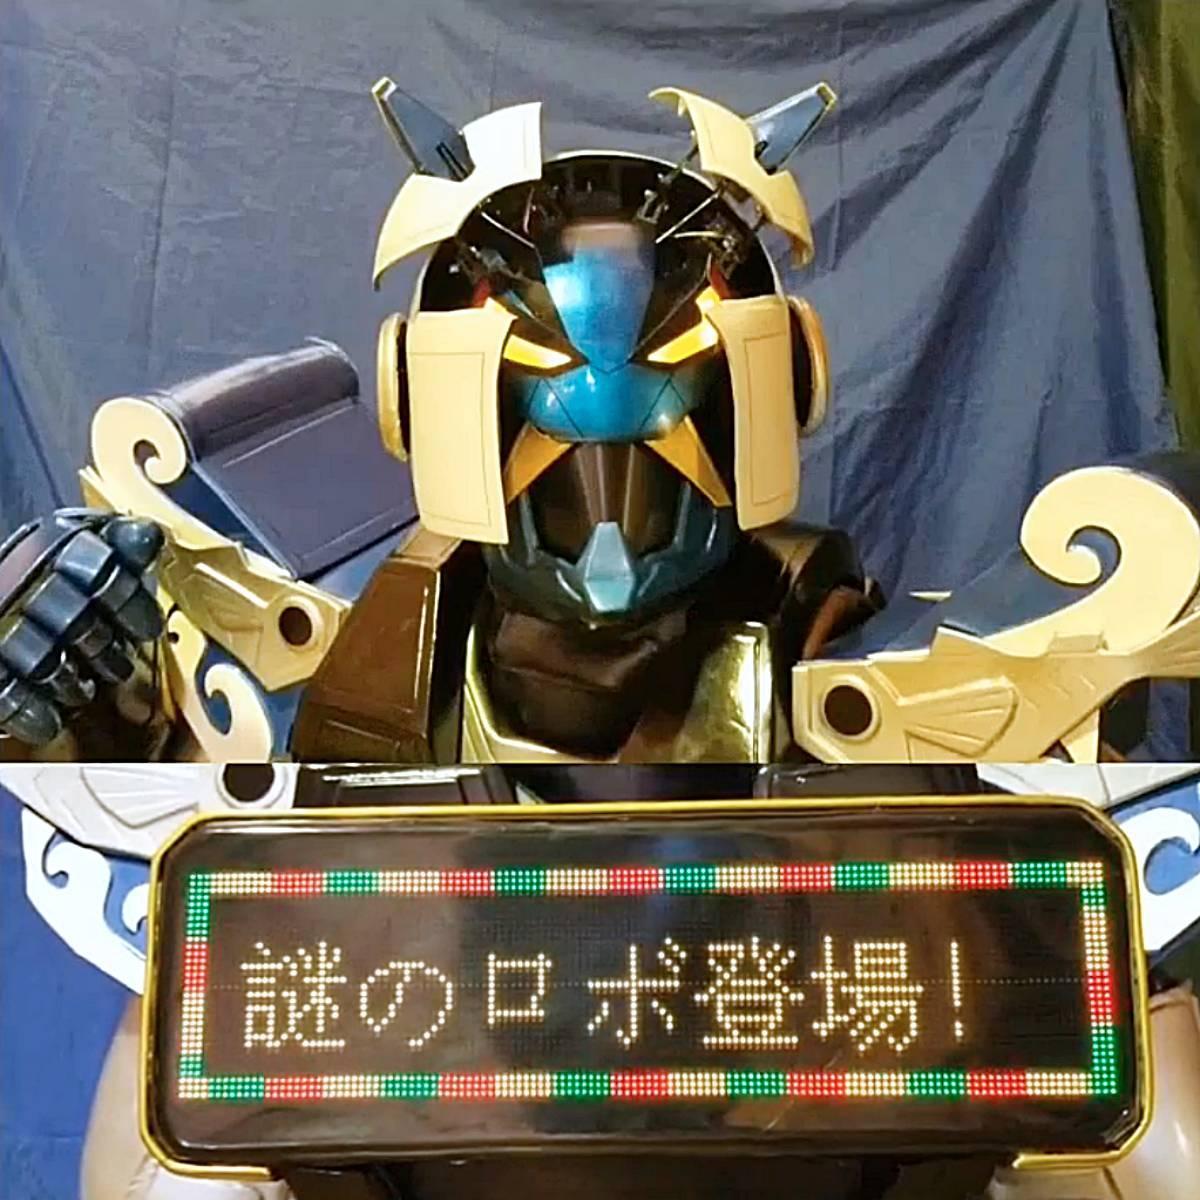 「正義の味方」が発表を予定するロボット型の新キャラ